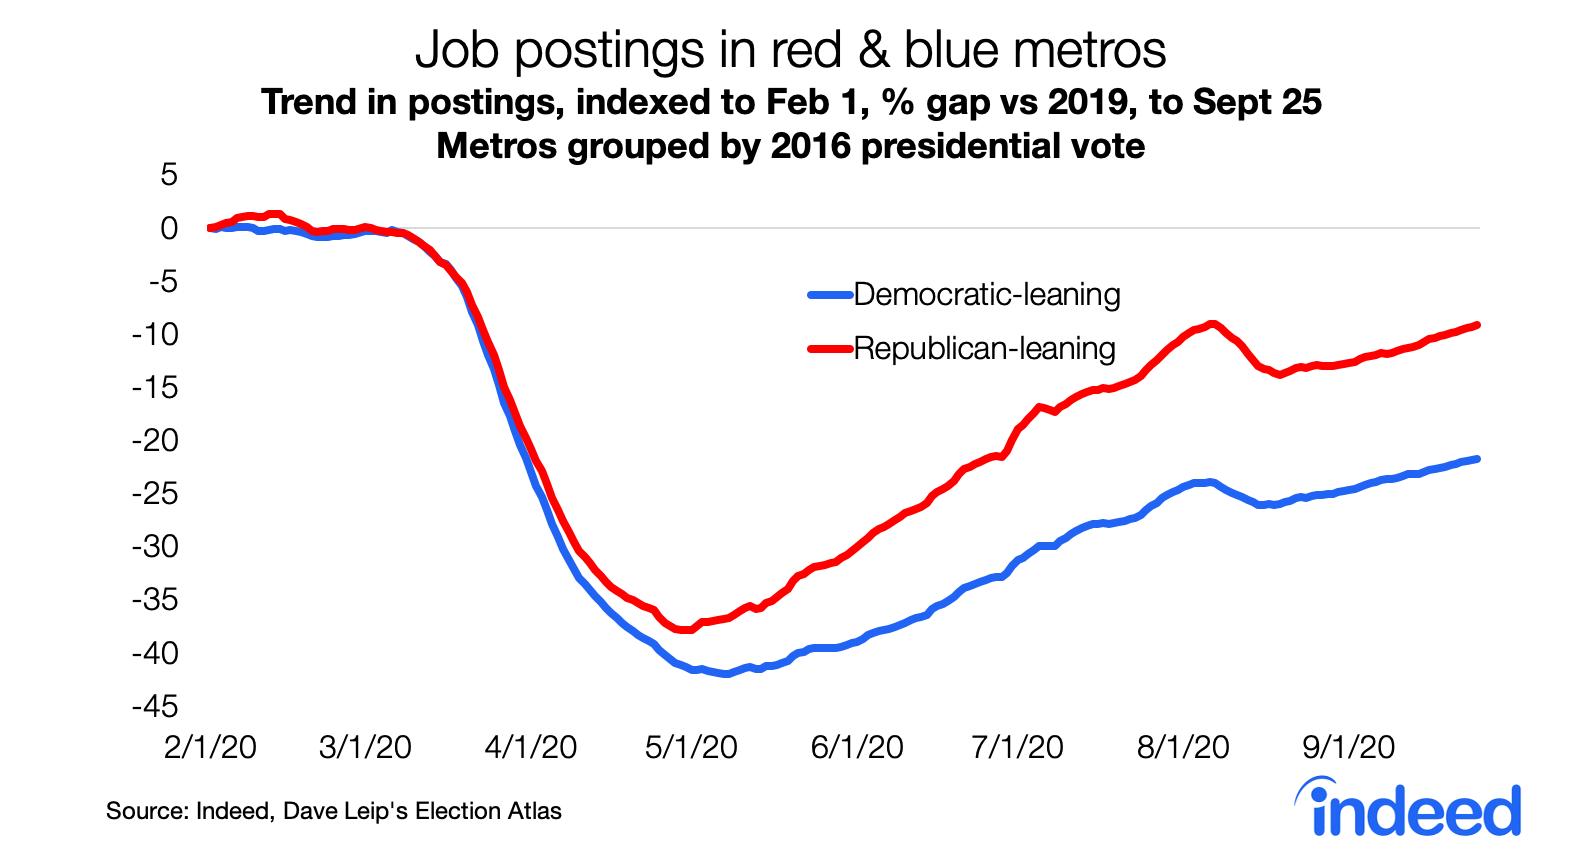 Line graph showing job postings in republican vs democrat leaning metros